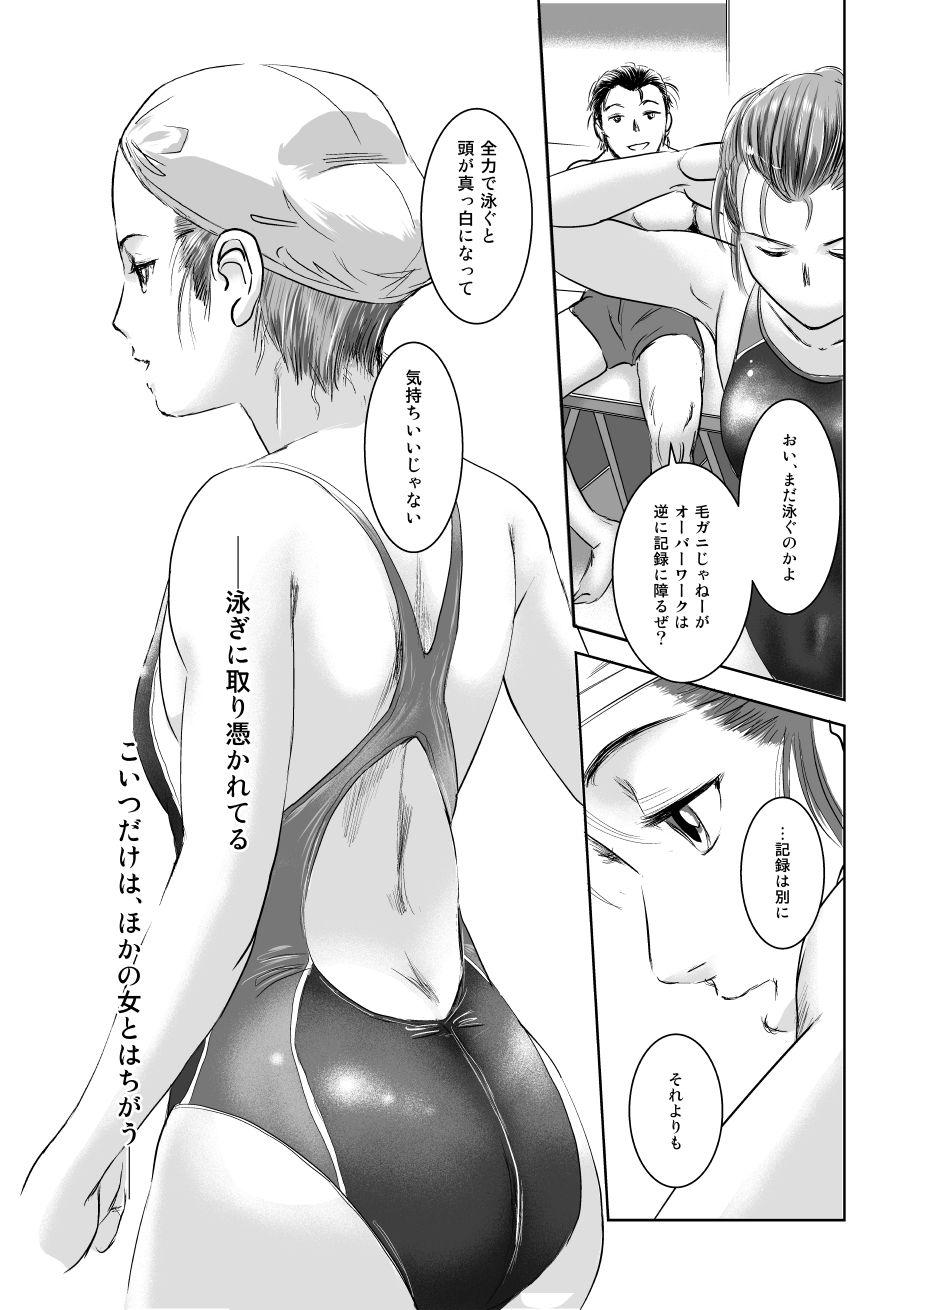 陸魚-5 嫉妬がうごめく環境で競泳水着のセックスって…これ勃起が収まらんだろwww【陸魚:ましろ堂】